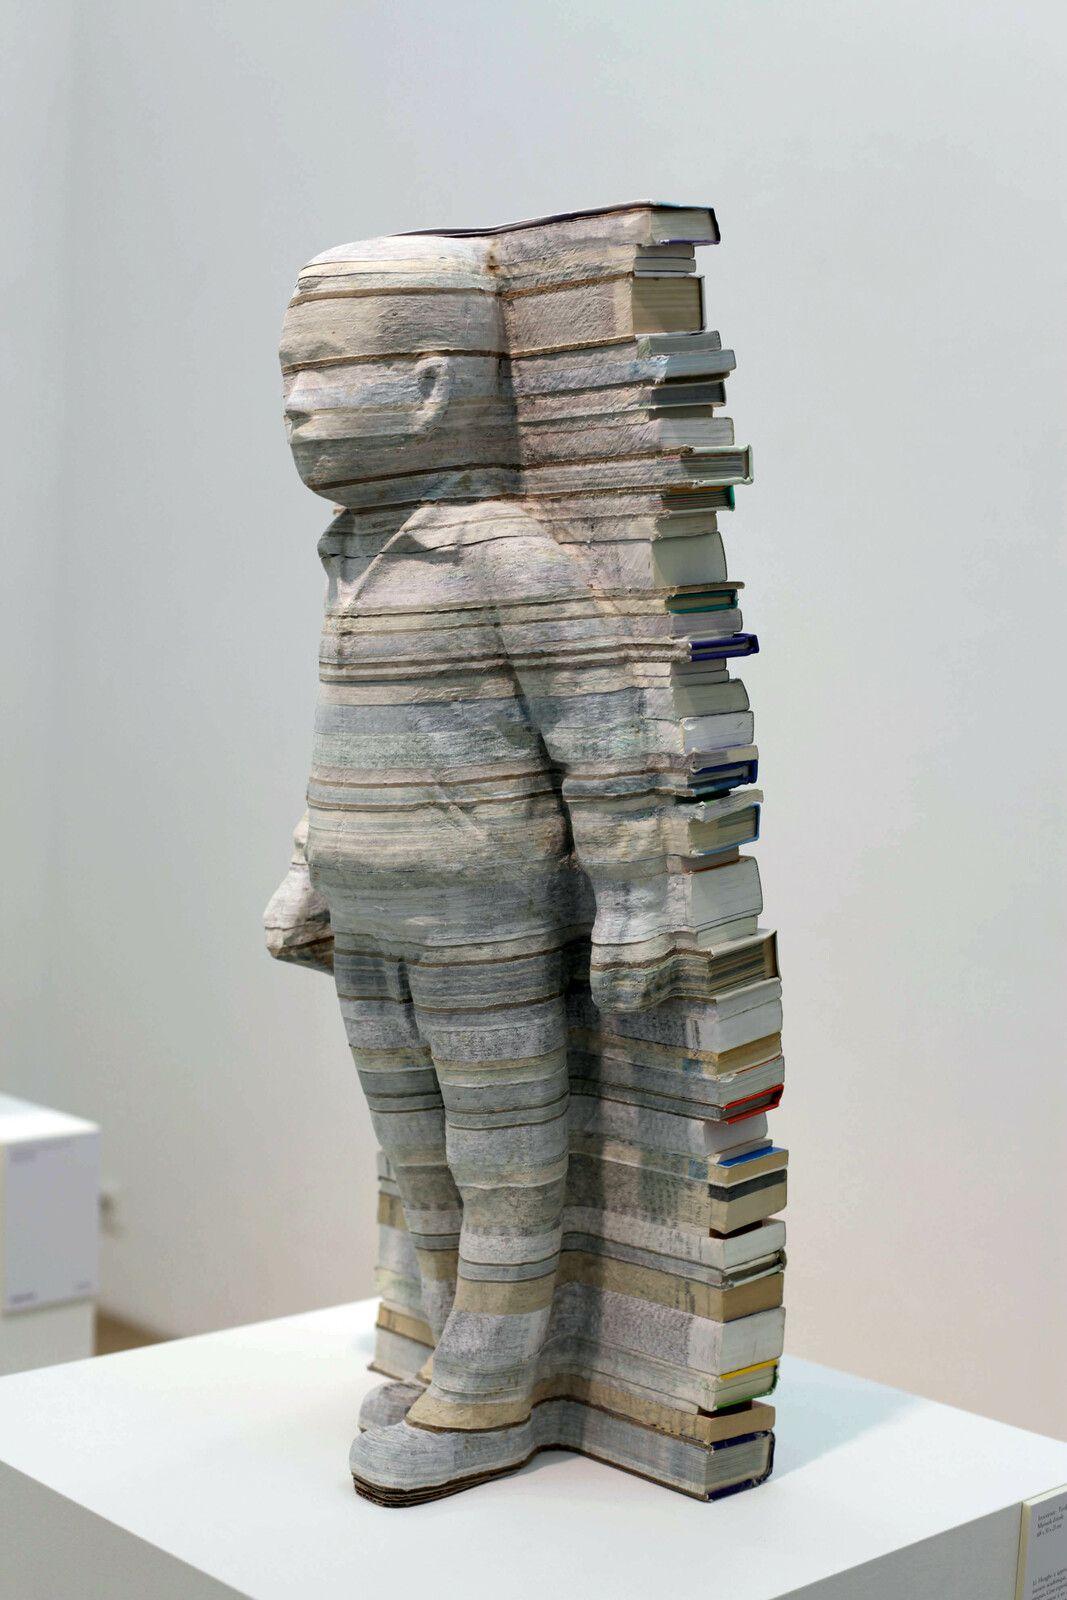 """""""No Spare Time - Textbook Series (Manuels d'école)"""", 2021 de Li HONGBO - Courtesy de la galerie Danysz Paris © Photo Éric Simon"""